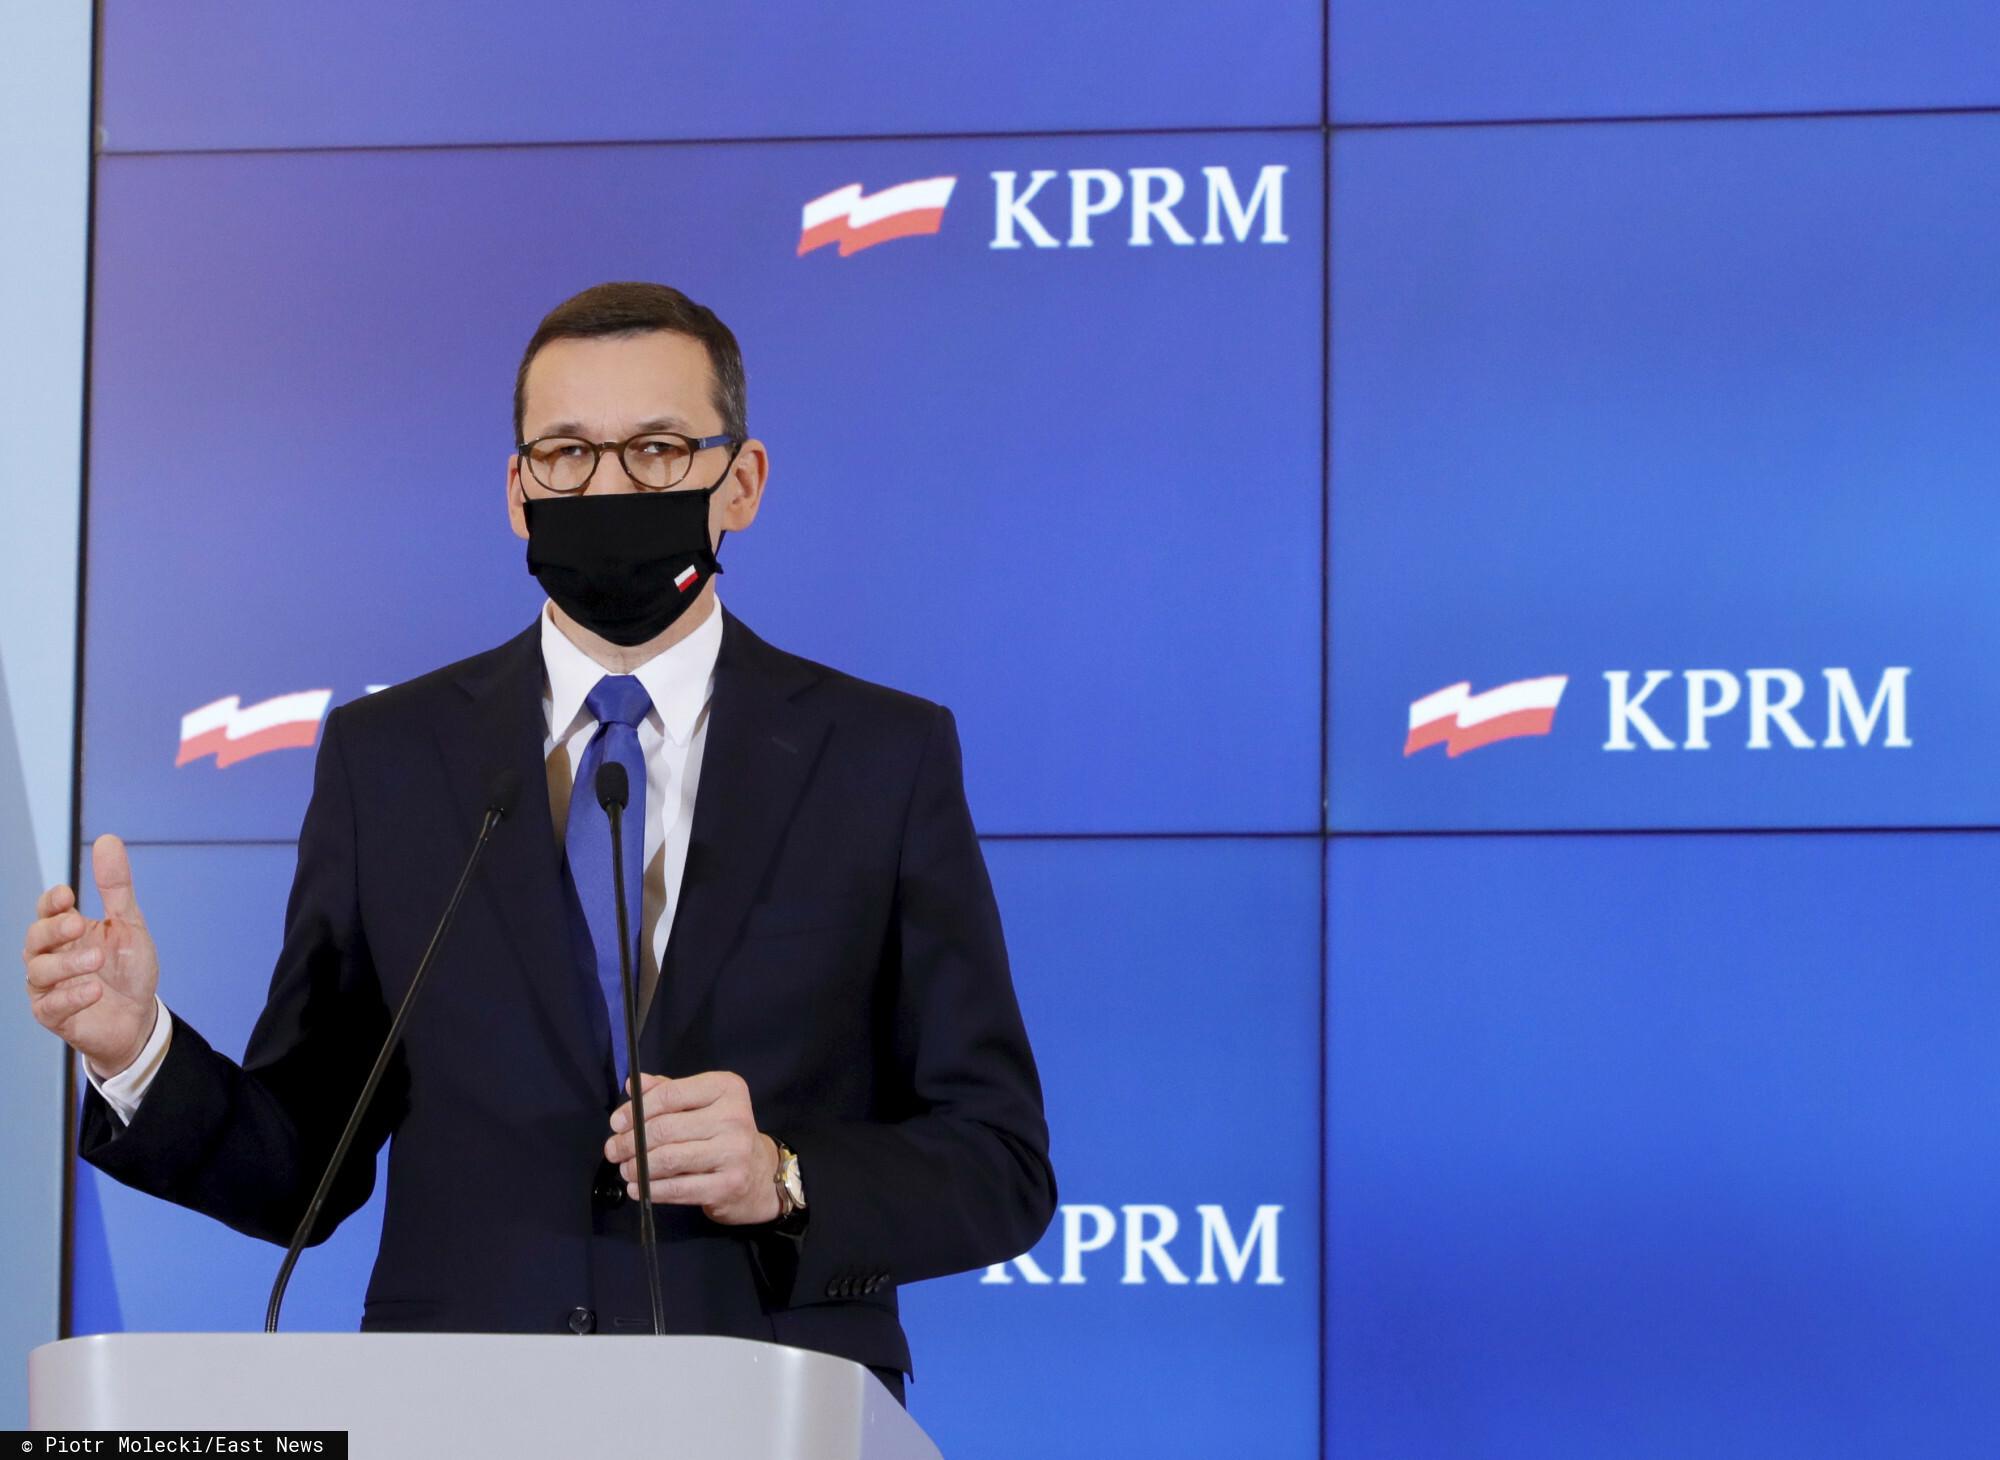 Obostrzenia dla najbardziej poszkodowanych branż mogą zostać poluzowane, zapowiedział Mateusz Morawiecki.